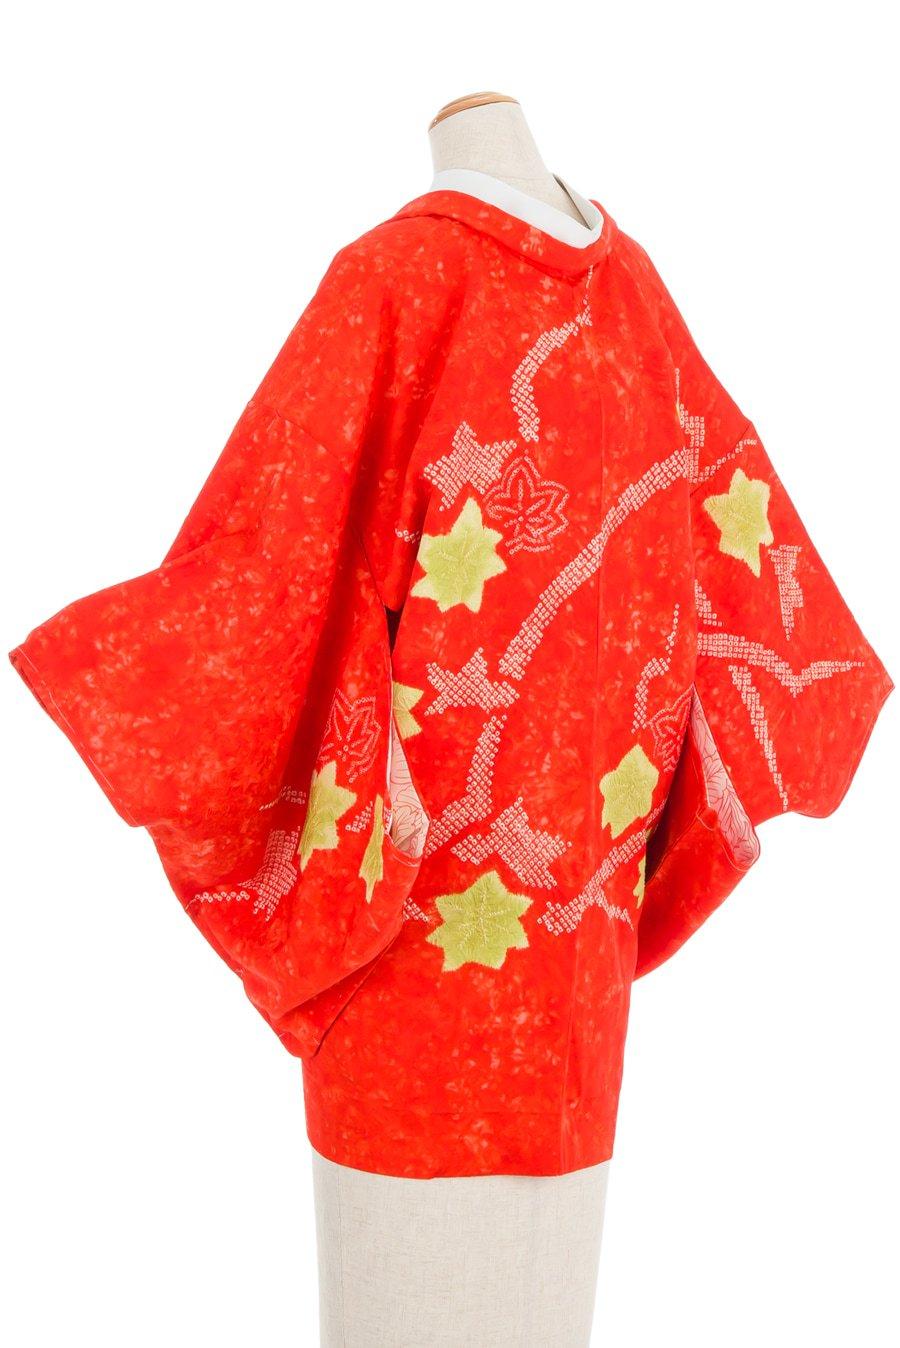 「絞り絵羽織 紅葉」の商品画像